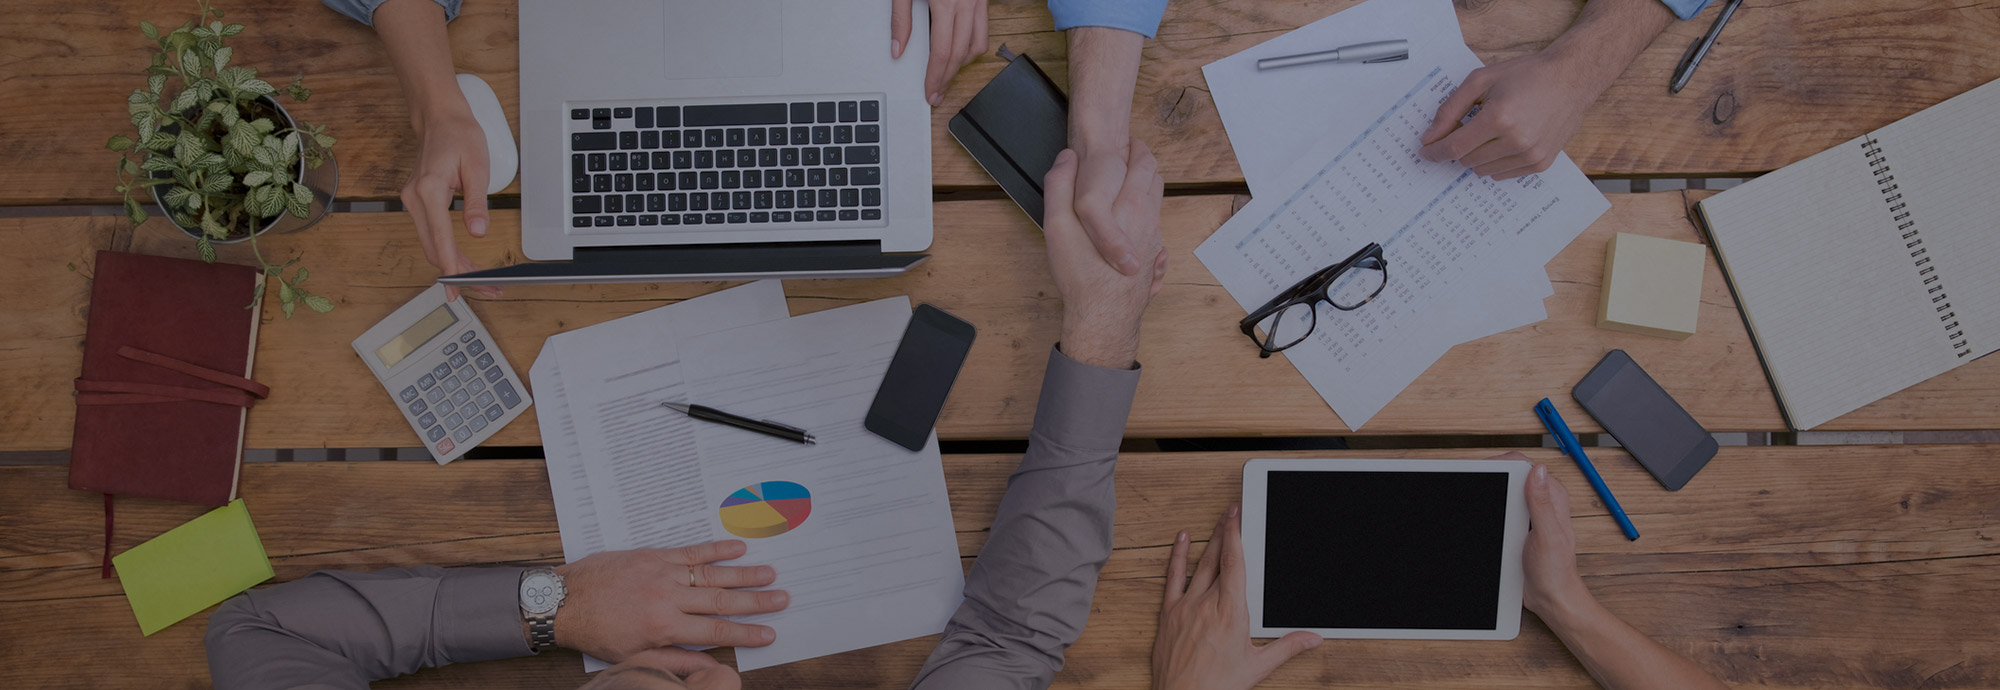 Coperture bespoke per le esigenze dei professionisti e delle piccole  medie imprese